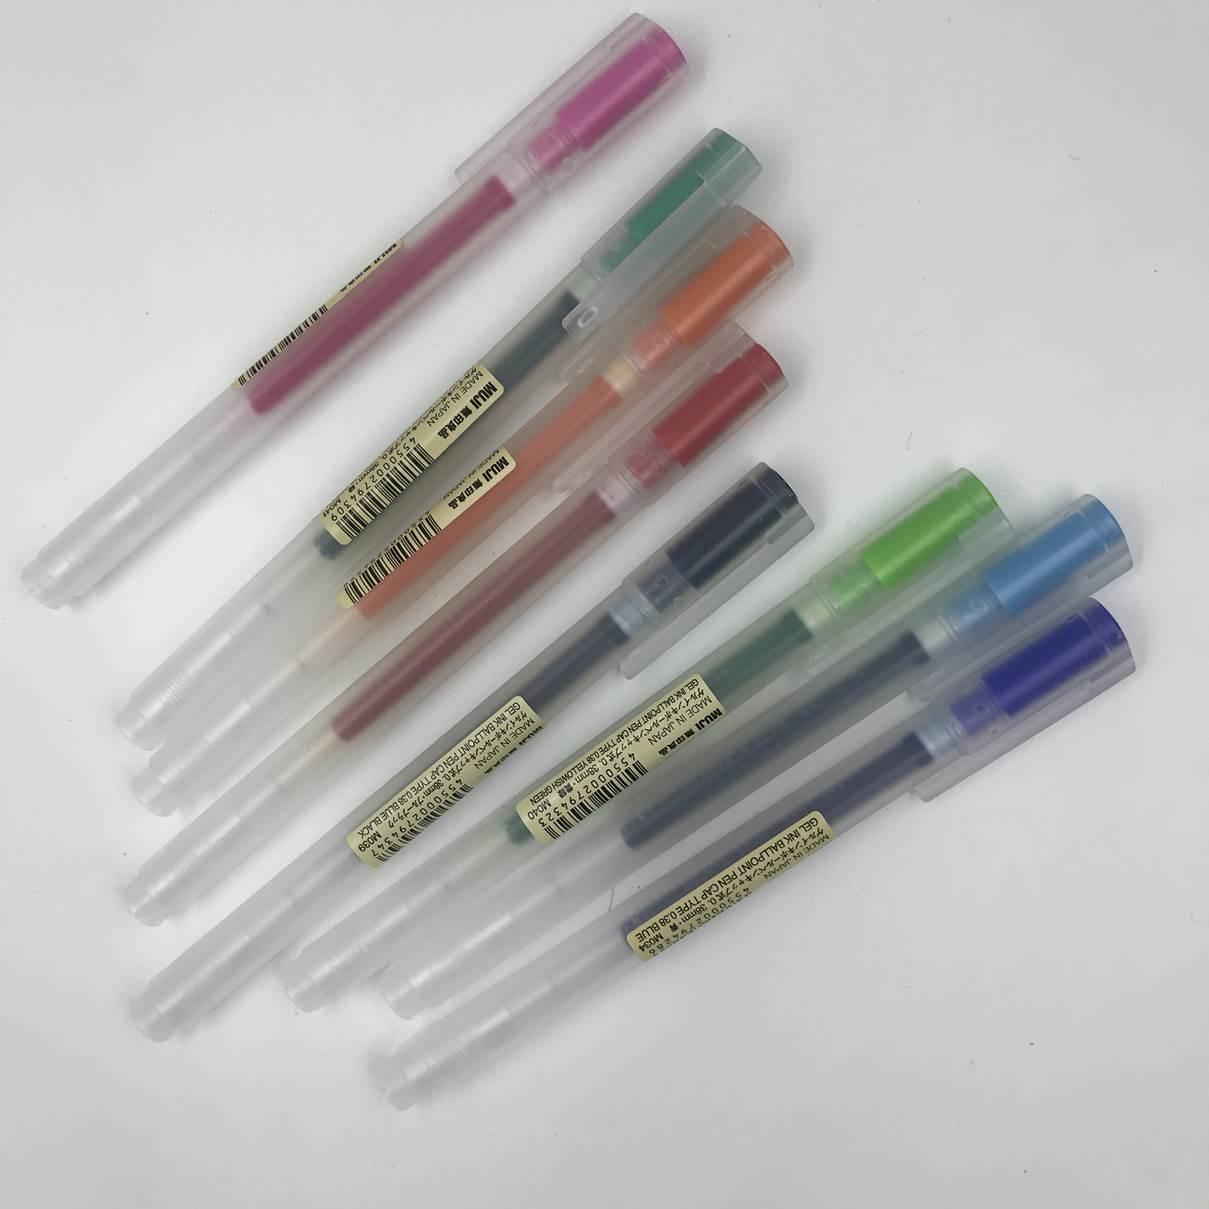 無印良品のゲルインキボールペン0.38mmキャップ式